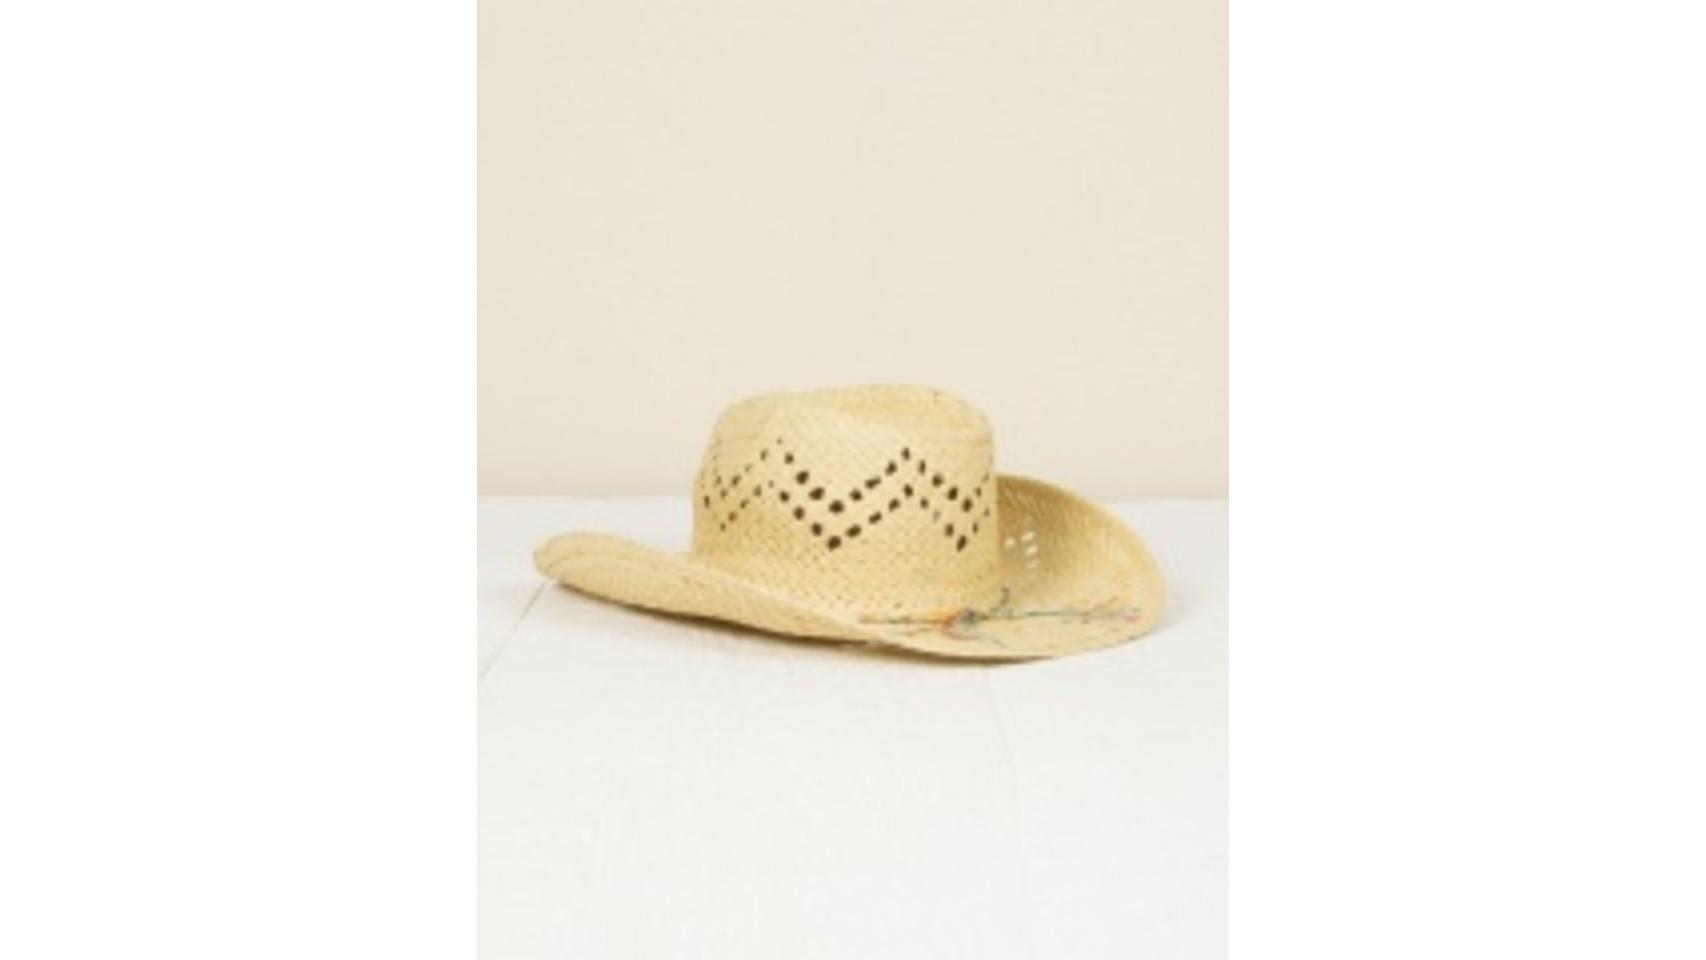 Sombrero cowboy  Natura (14,90 Euros).